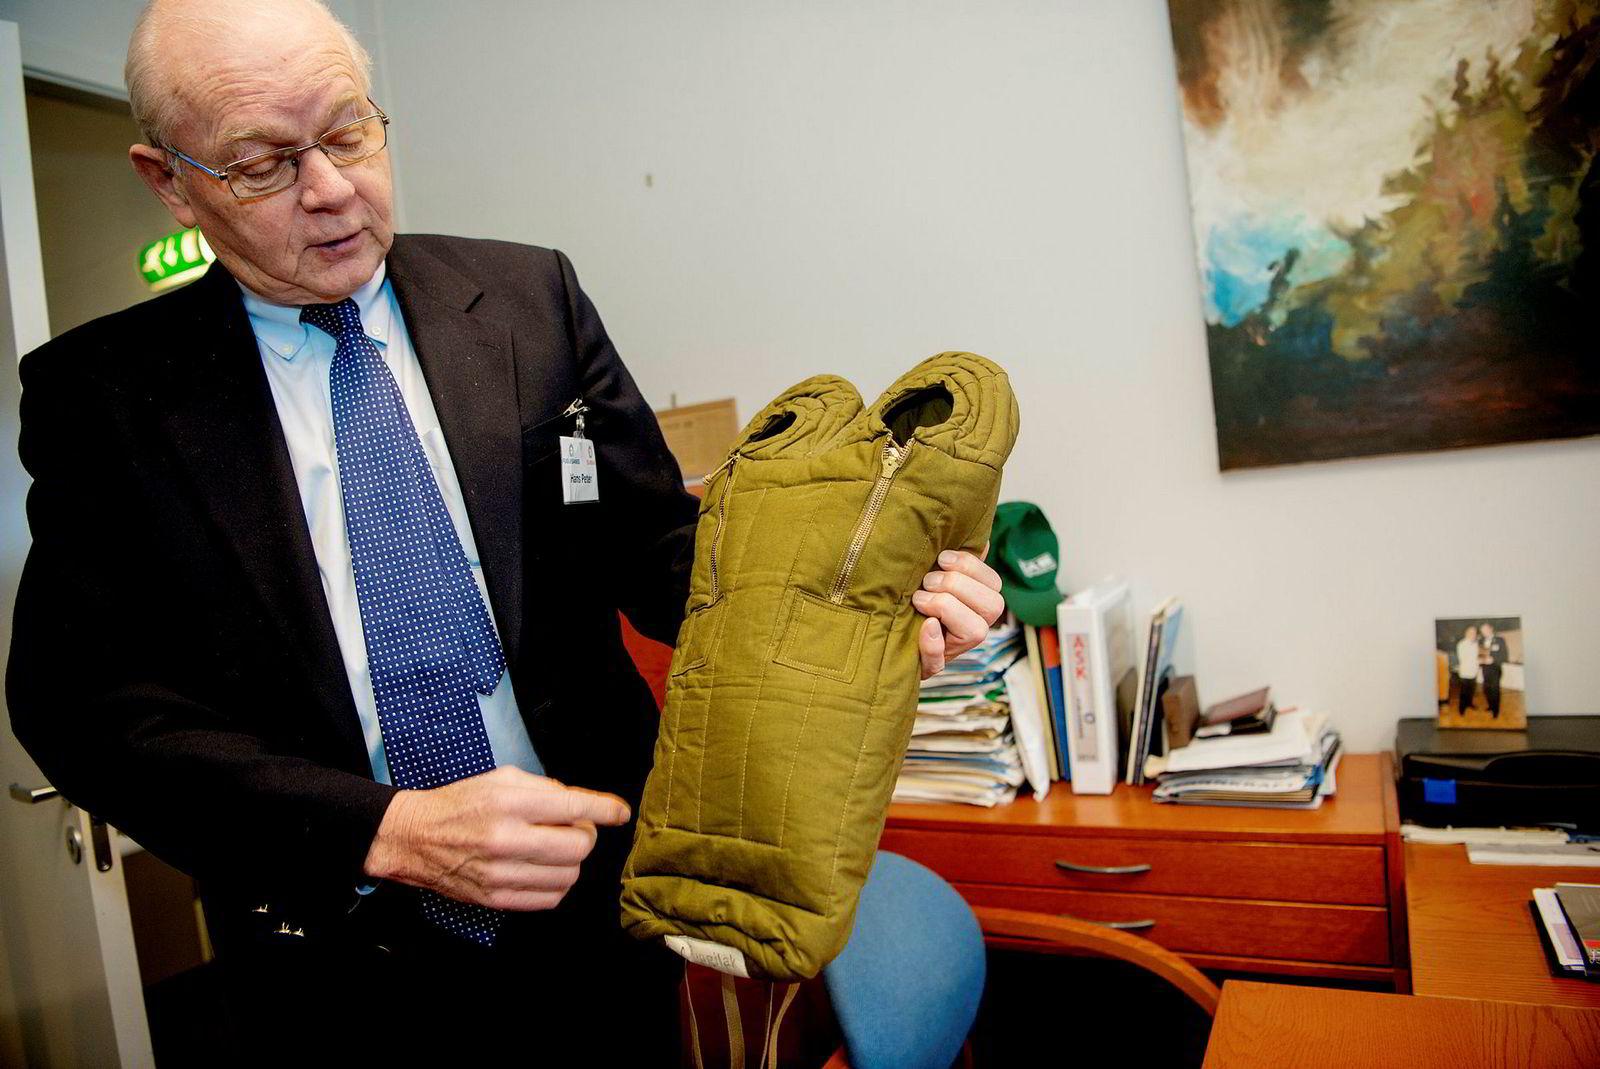 Styreleder og fjerdegenerasjons industriherre Hans Petter Fuglesang viser frem en modell av en ekspedisjonssovepose av den typen bedriften laget for Nansen i sin tid. Familiebedriften laget lenge Ajungilak-soveposene.